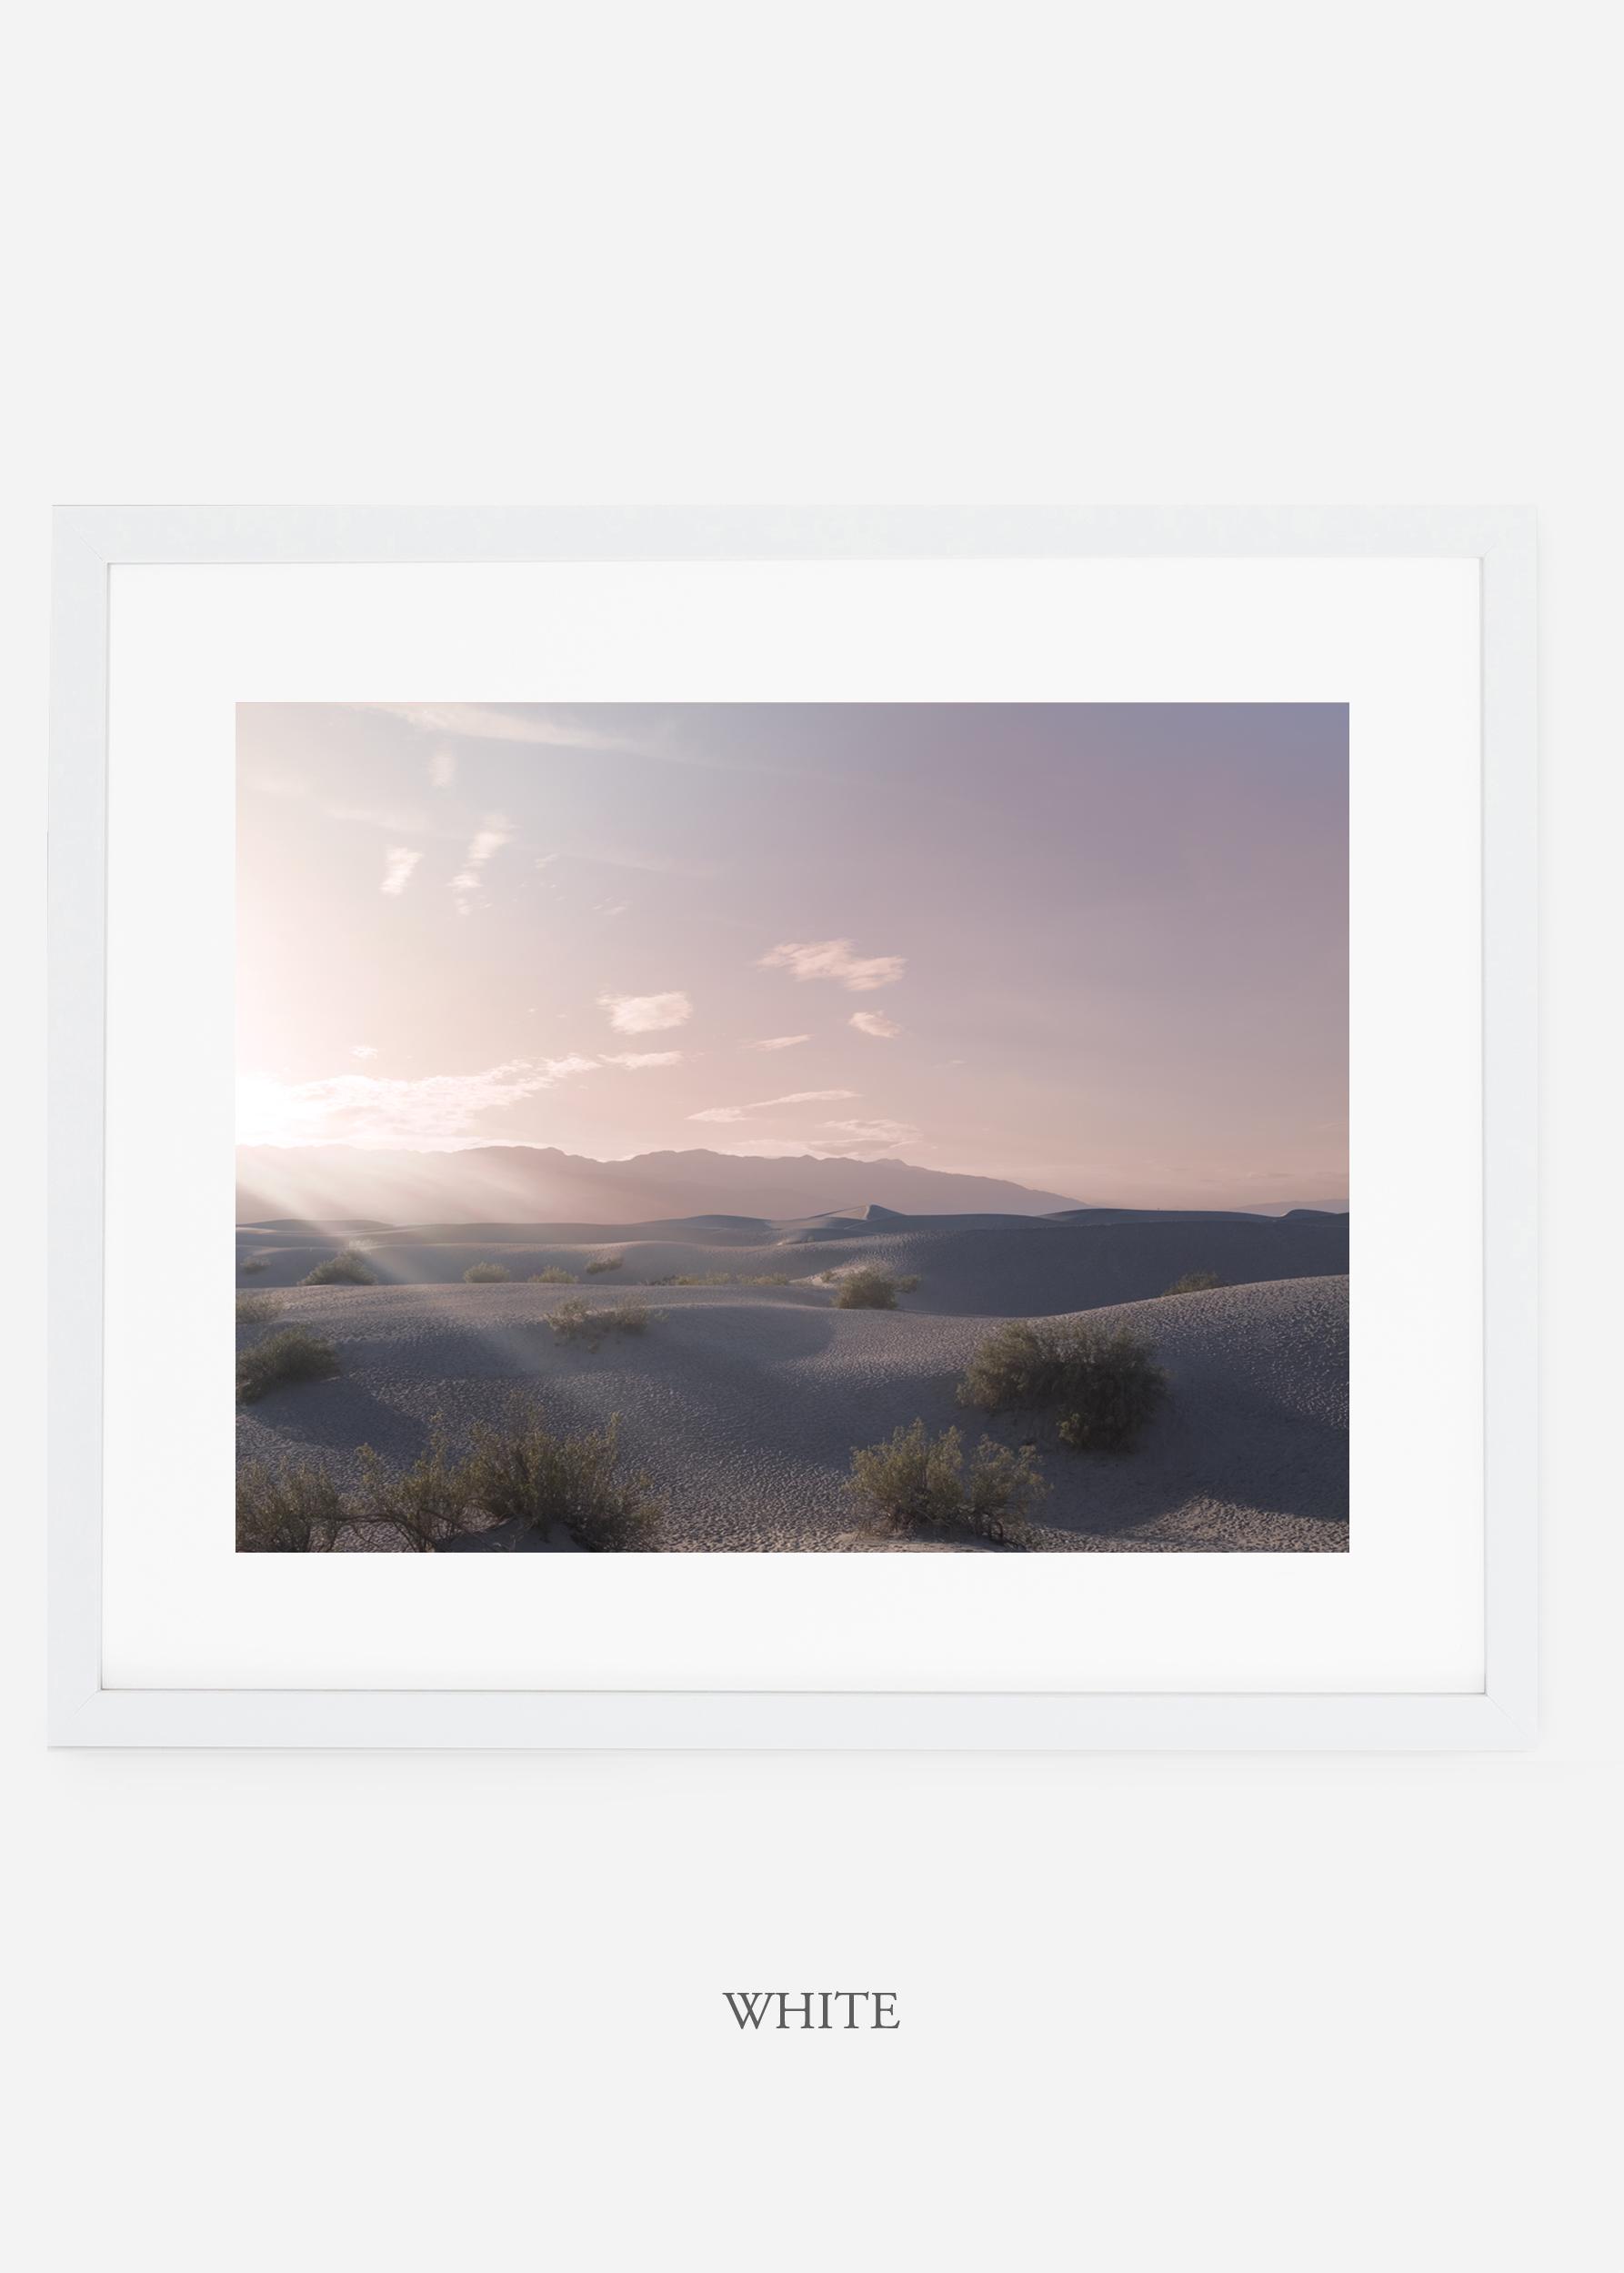 wildercalifornia_whiteframe_deathvalley_14_minimal_cactus_art_interiordesign_.jpg